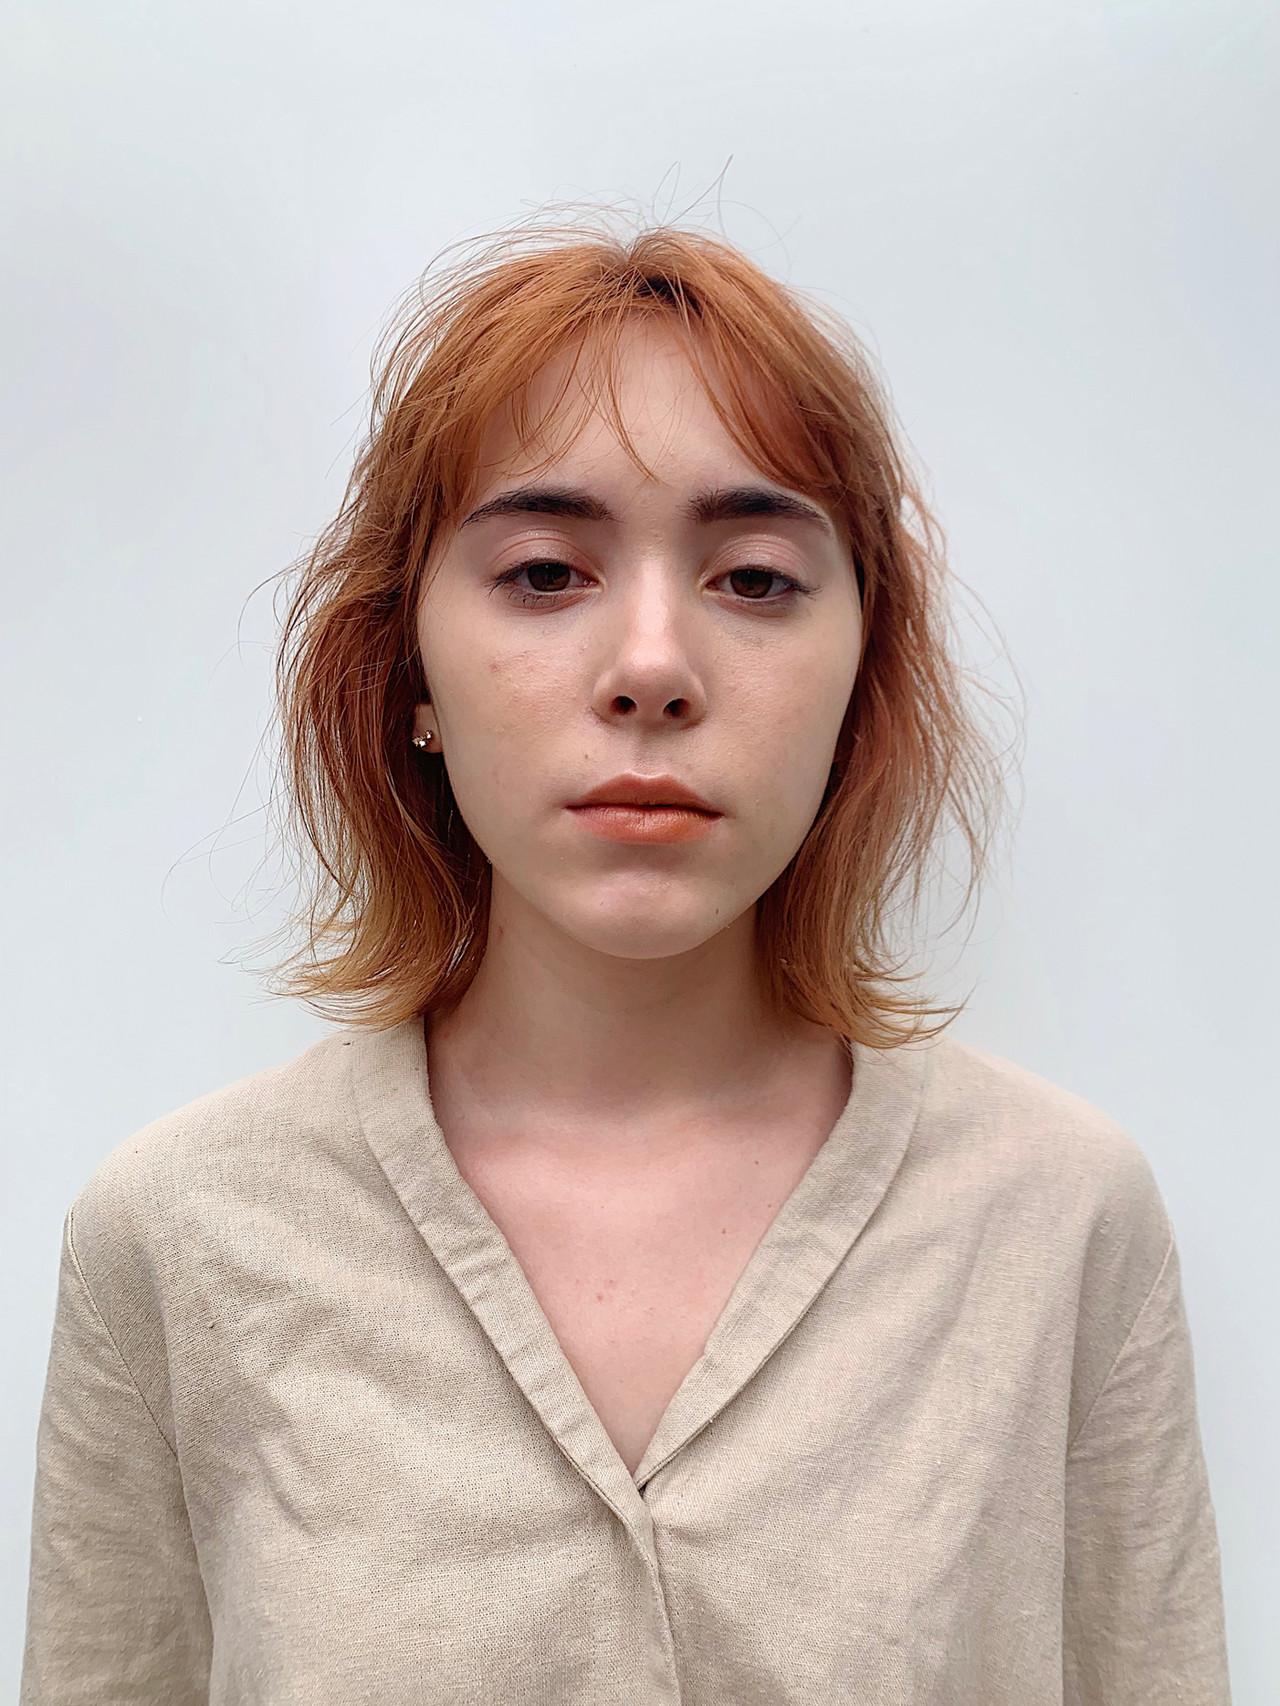 簡単ヘアアレンジ ナチュラル パーマ ボブ ヘアスタイルや髪型の写真・画像